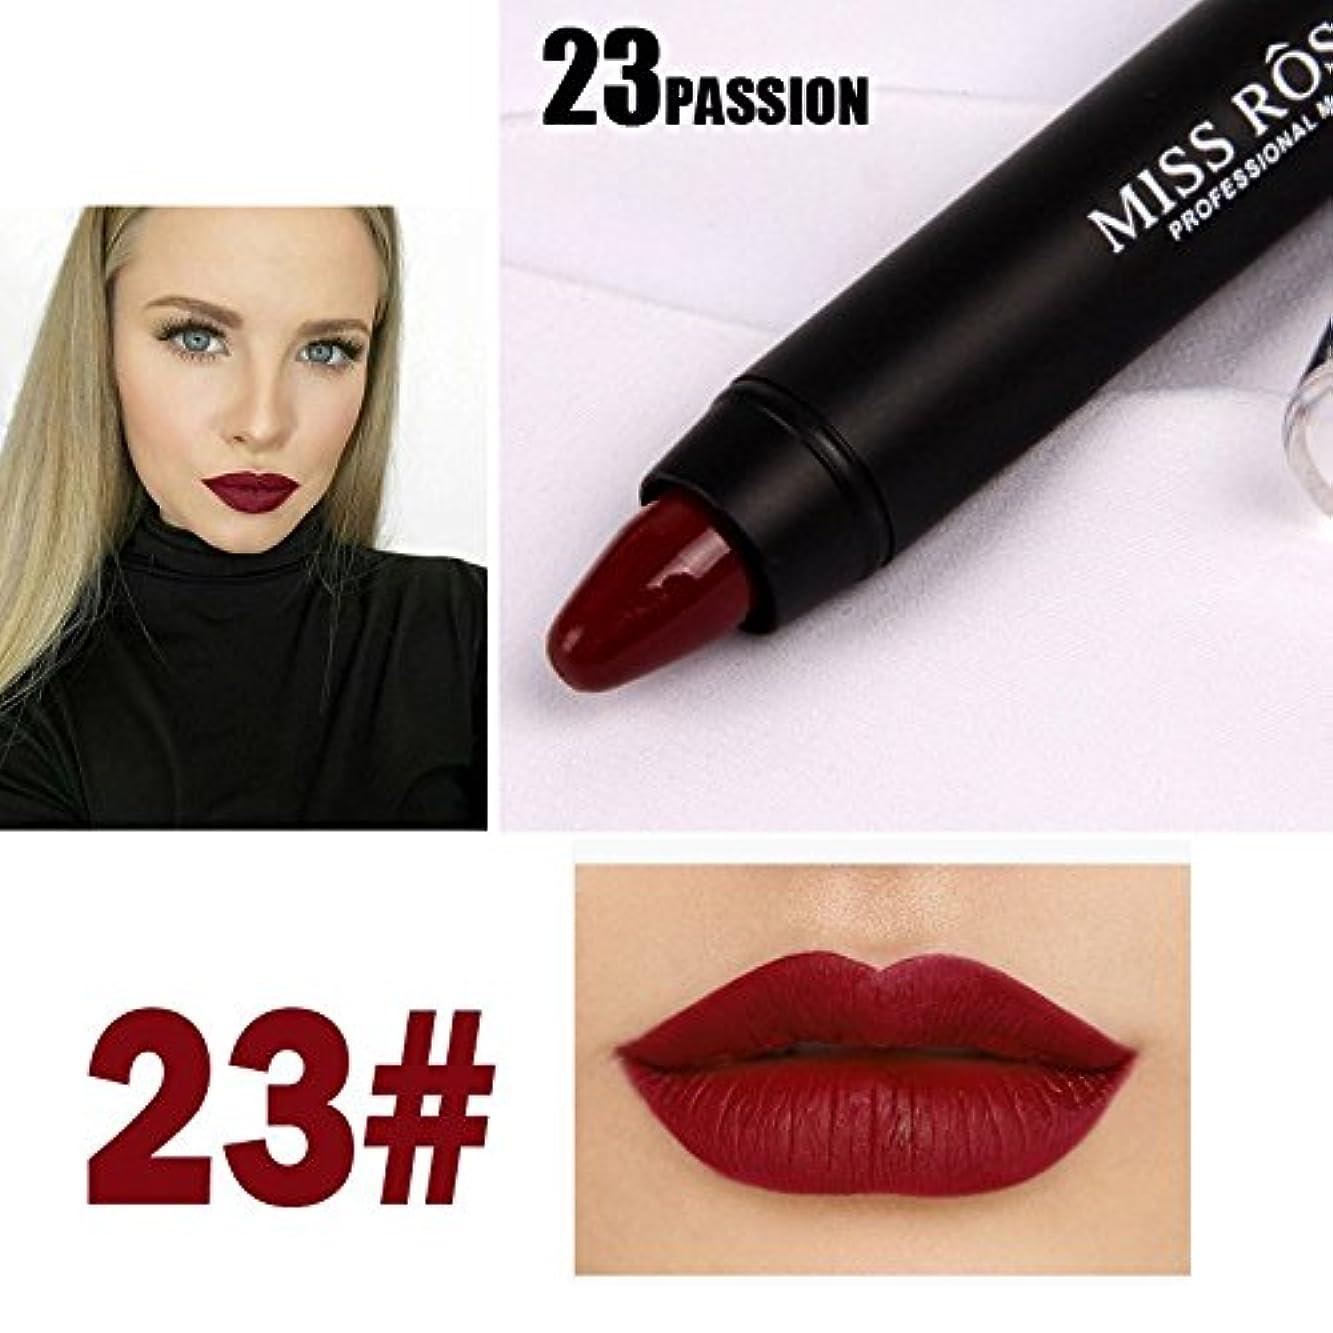 大学院誰がパントリーMISS ROSE Professional Women Waterproof Lipstick Lips Cream Beauty Lote Batom Matte Lipstick Nude Pencils Makeup